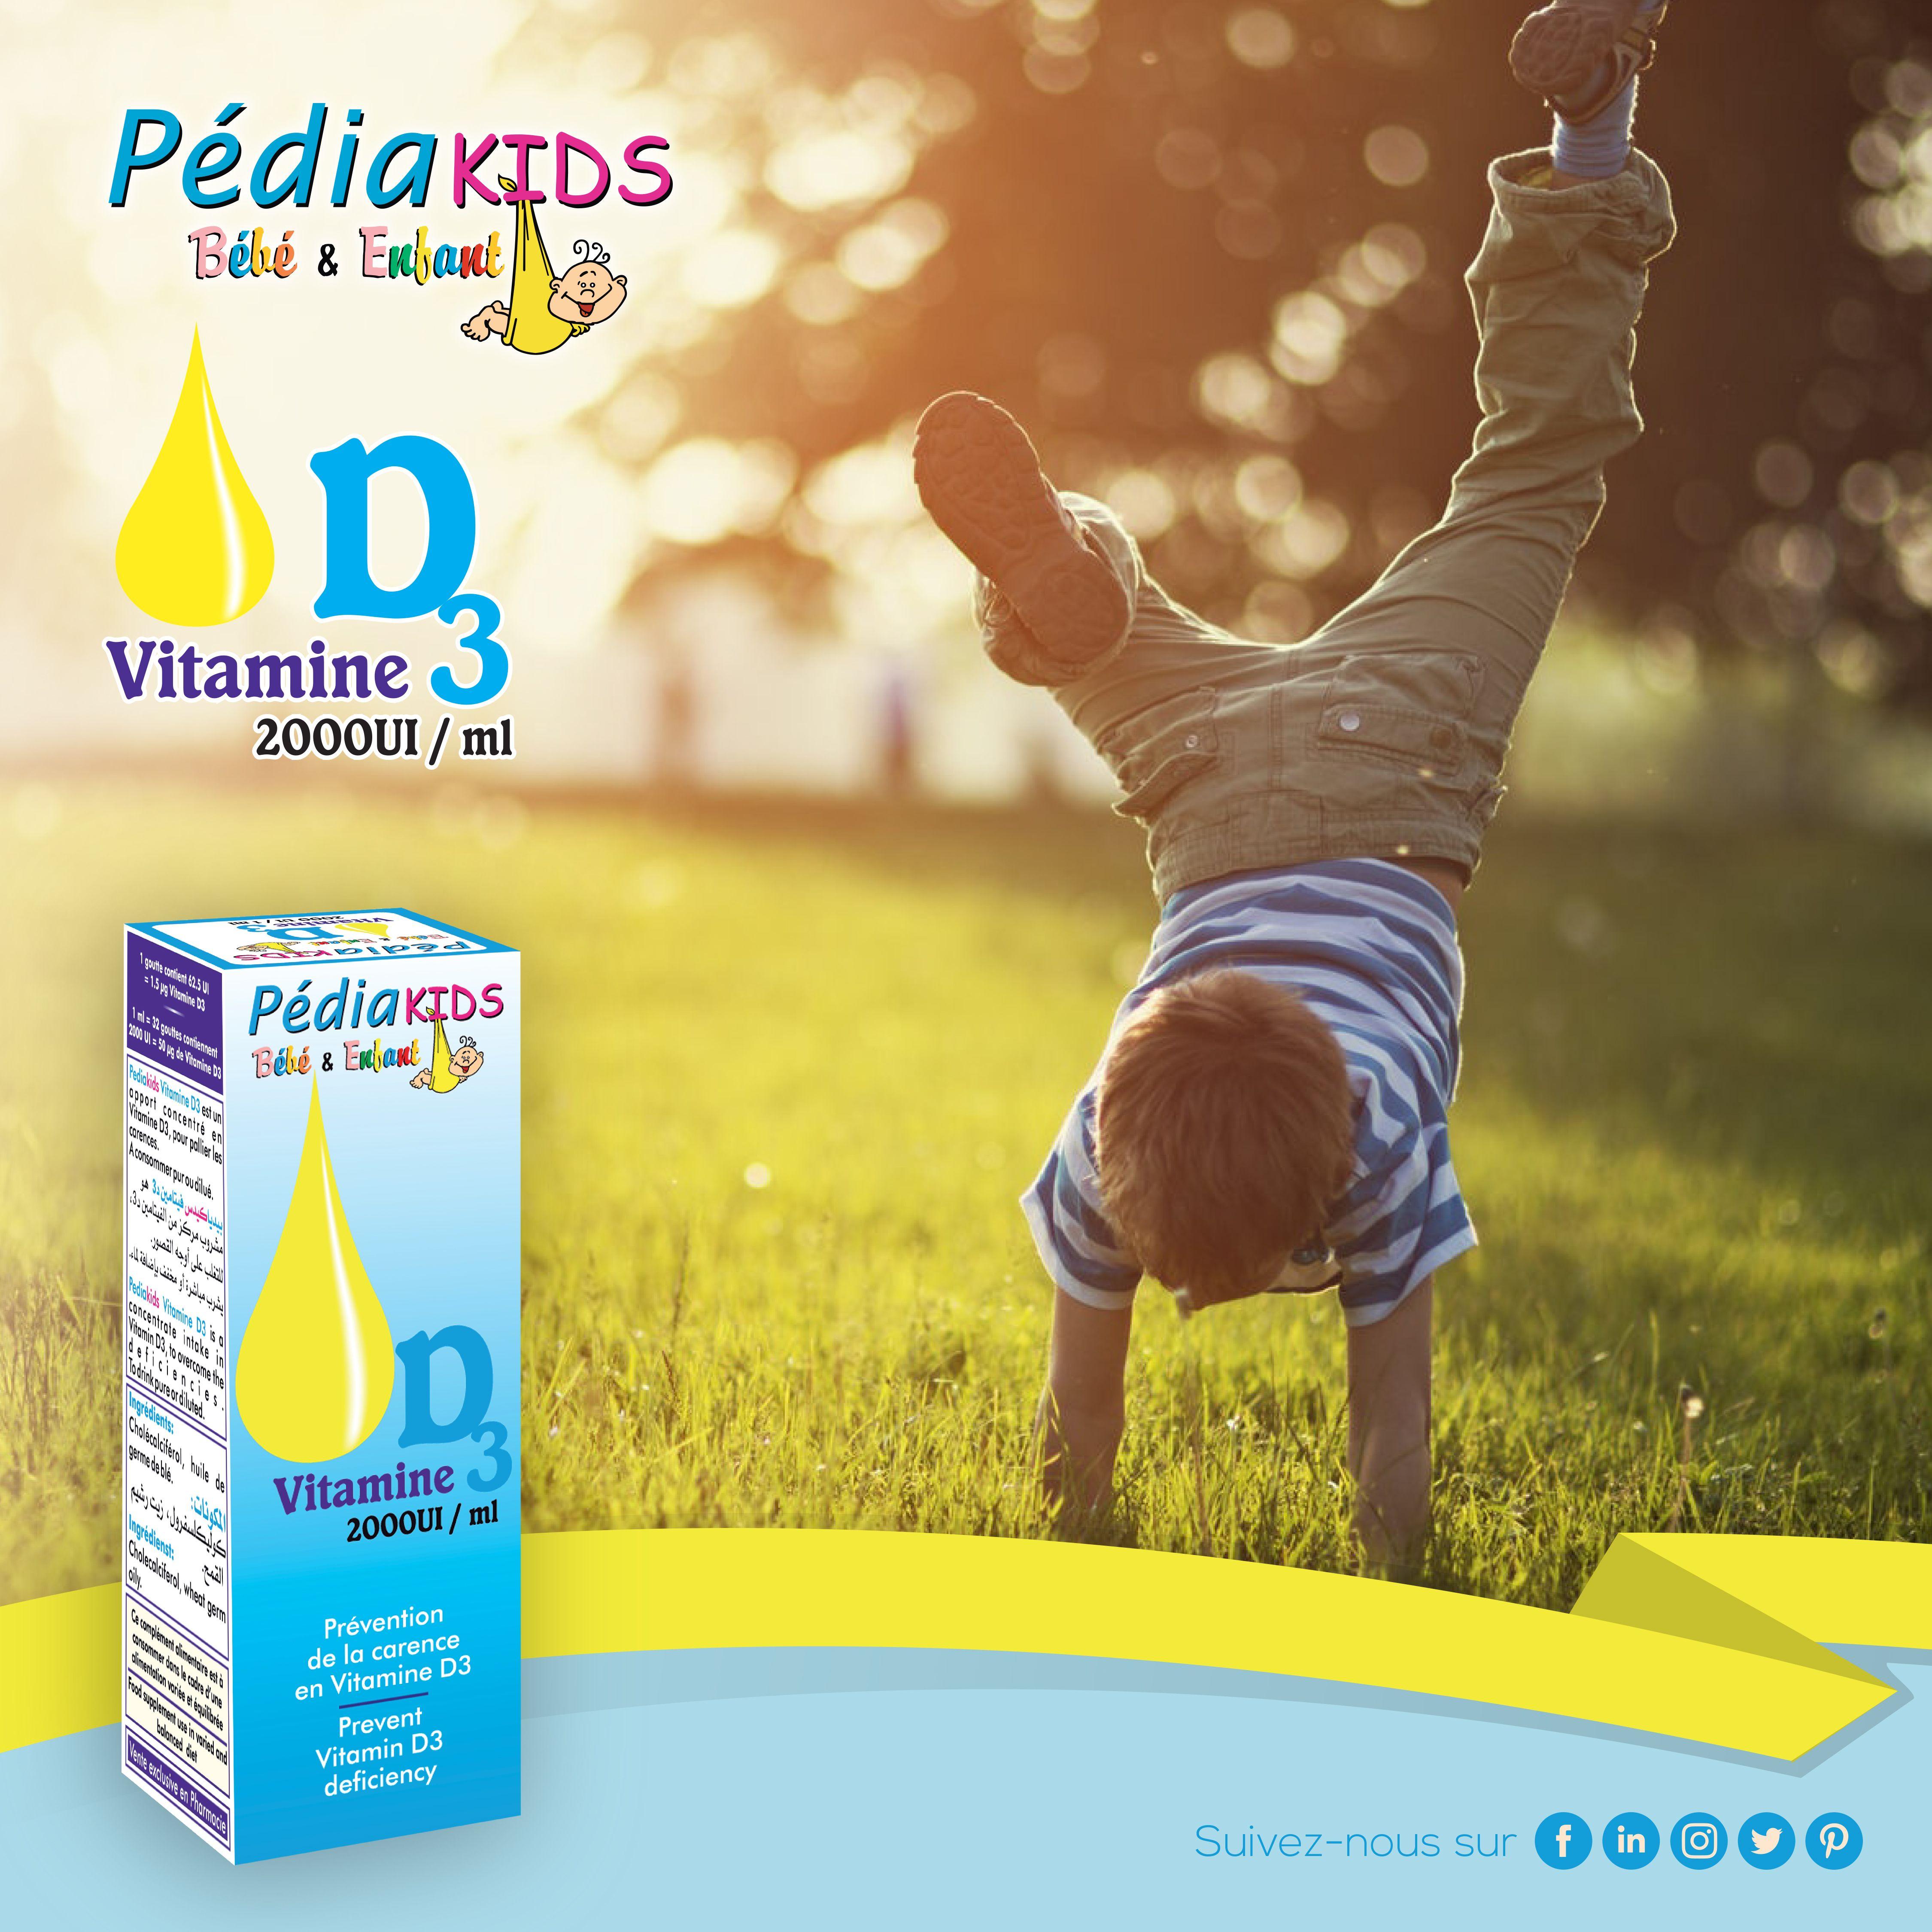 Pediakids Vitamine D3 Vitamin E